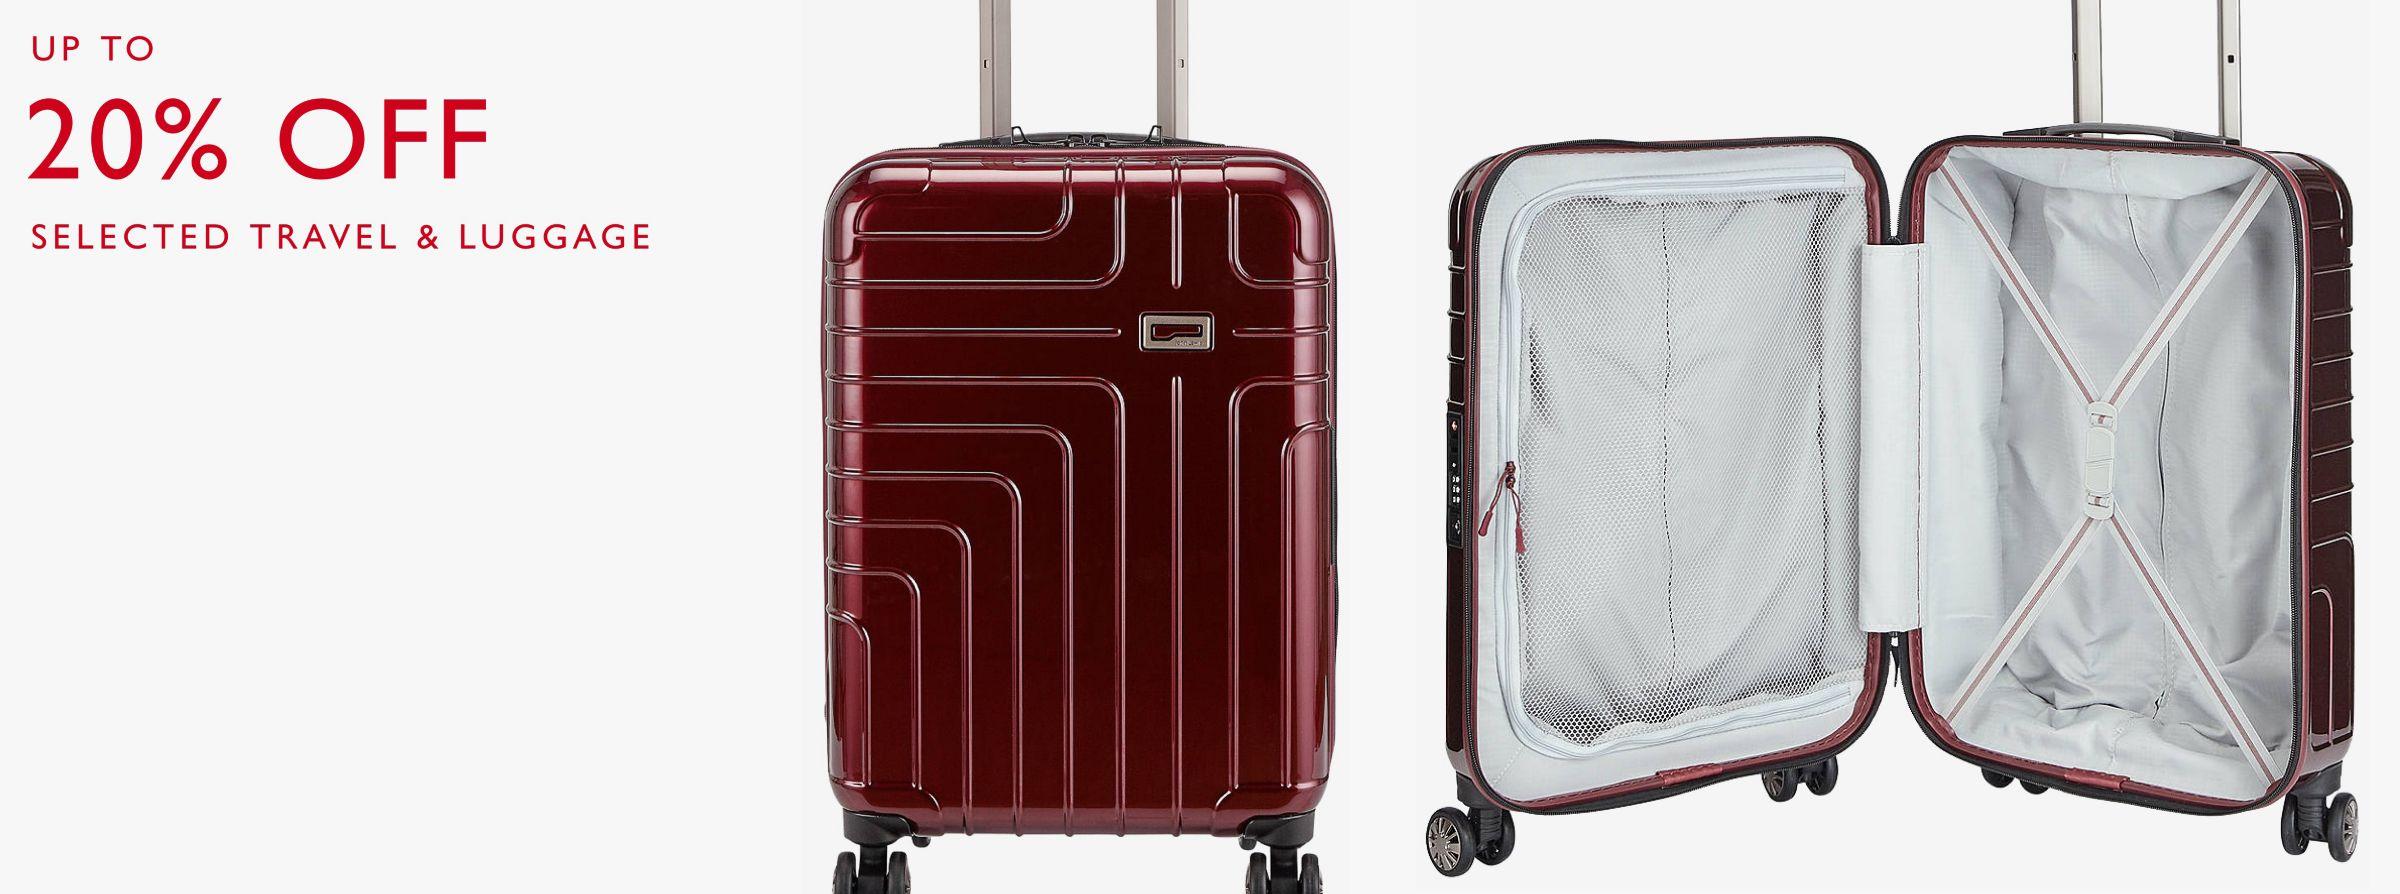 977dd5db5 Travel   Luggage Accessories